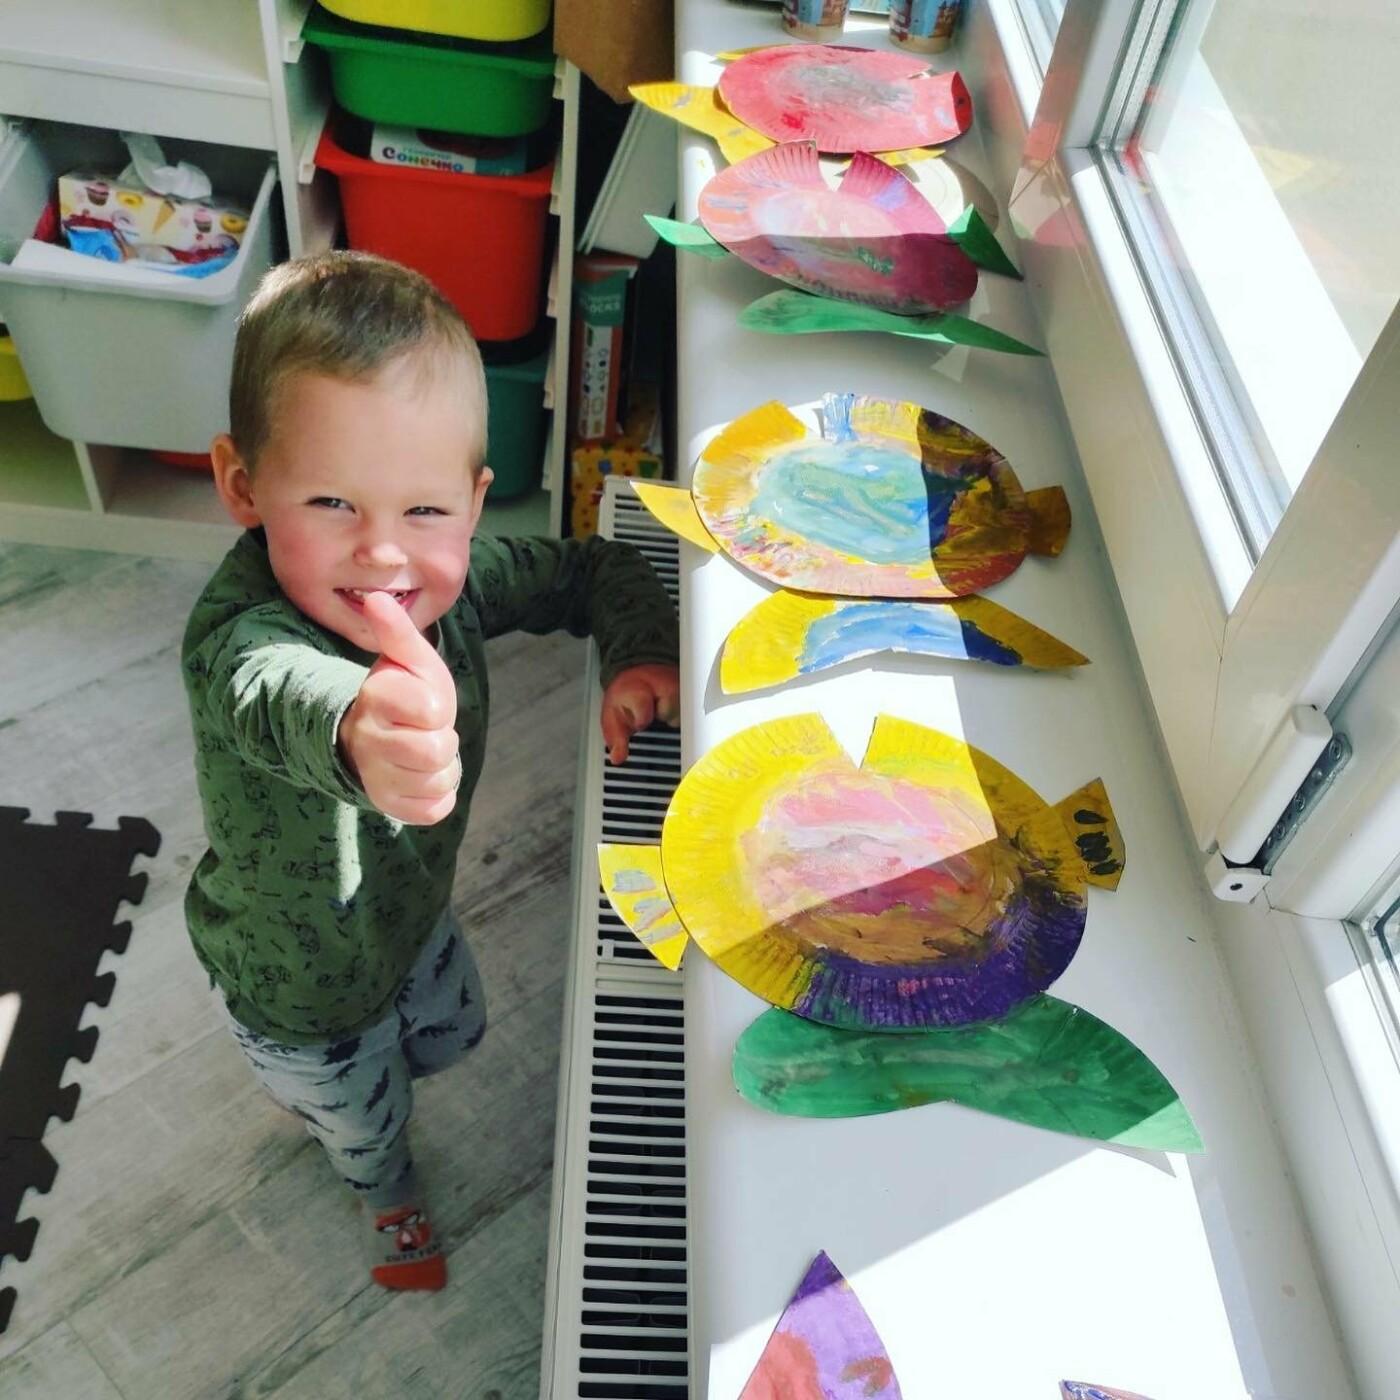 Розвиток дитини у Львові: гуртки, дитячі садки, розвиваючі та мовні центри, фото-43